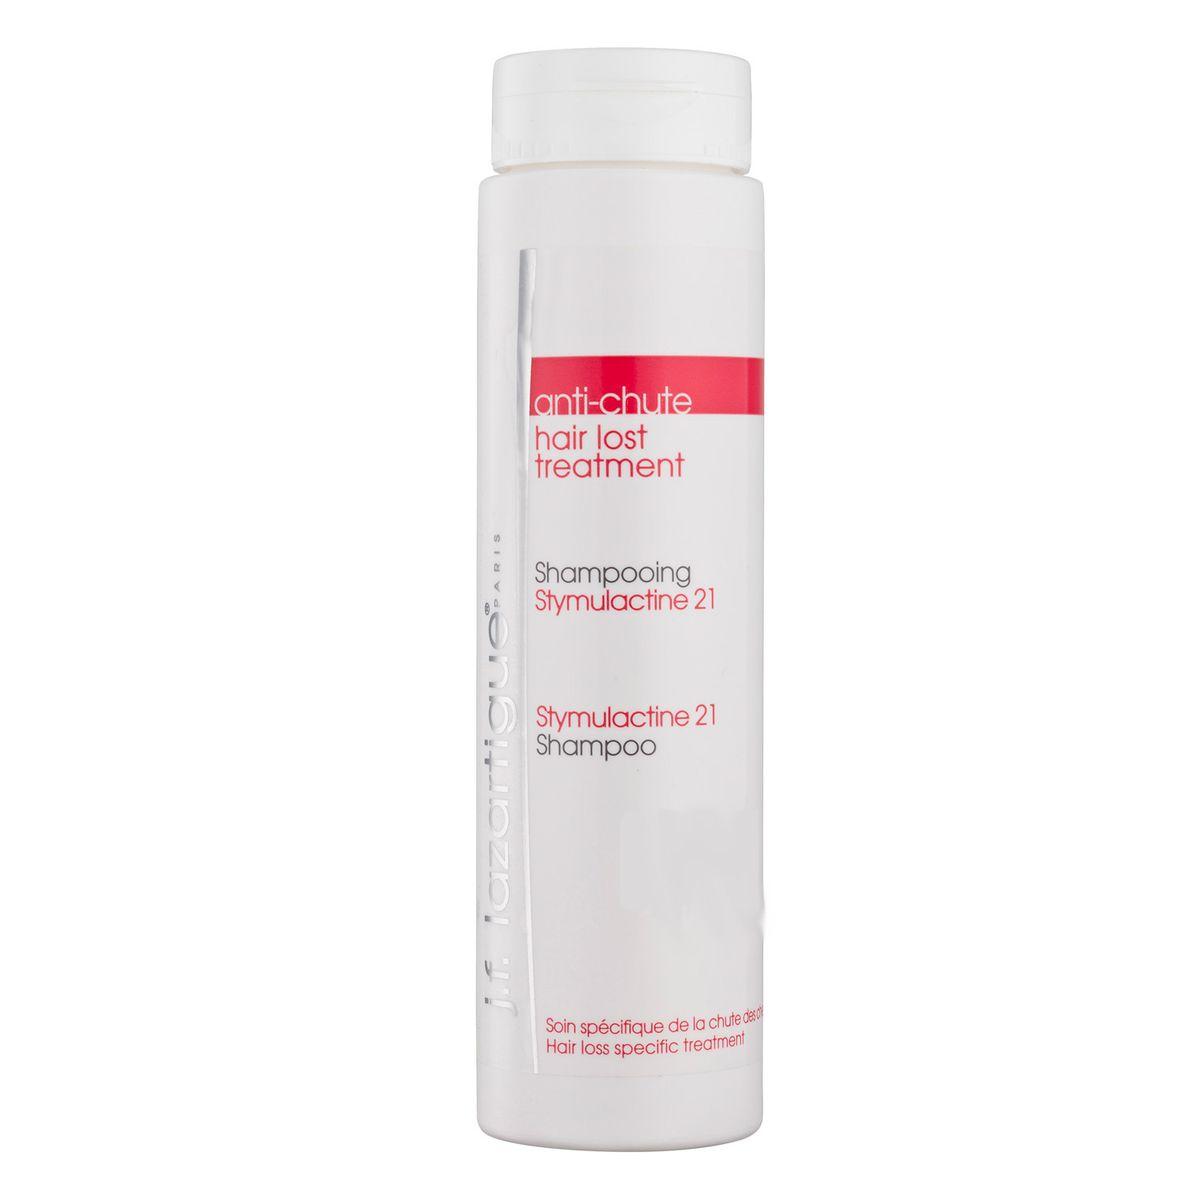 J.F.Lazartigue Шампунь от выпадения волос Стимулактин 21 200 млFS-00897Рекомендуется всем, кто периодически сталкивается с проблемой выпадения волос. Растительные гликопротеины шампуня восстанавливают дыхание клеток кожи головы, повышают жизнеспособность капилляров и волосяных луковиц. Микросферы из фосфолипидов с активными белковыми компонентами и аминокислотой таурином замедляют выпадение волос, стимулируют их рост. Силанолы (эссенциальный фактор активности клеток кожи головы и корней волос) препятствуют старению кожи, улучшают плотность и структуру волос. Шампунь также содержит противовоспалительные ингредиенты и антиоксиданты, которые способствуют оживлению и укреплению волос.